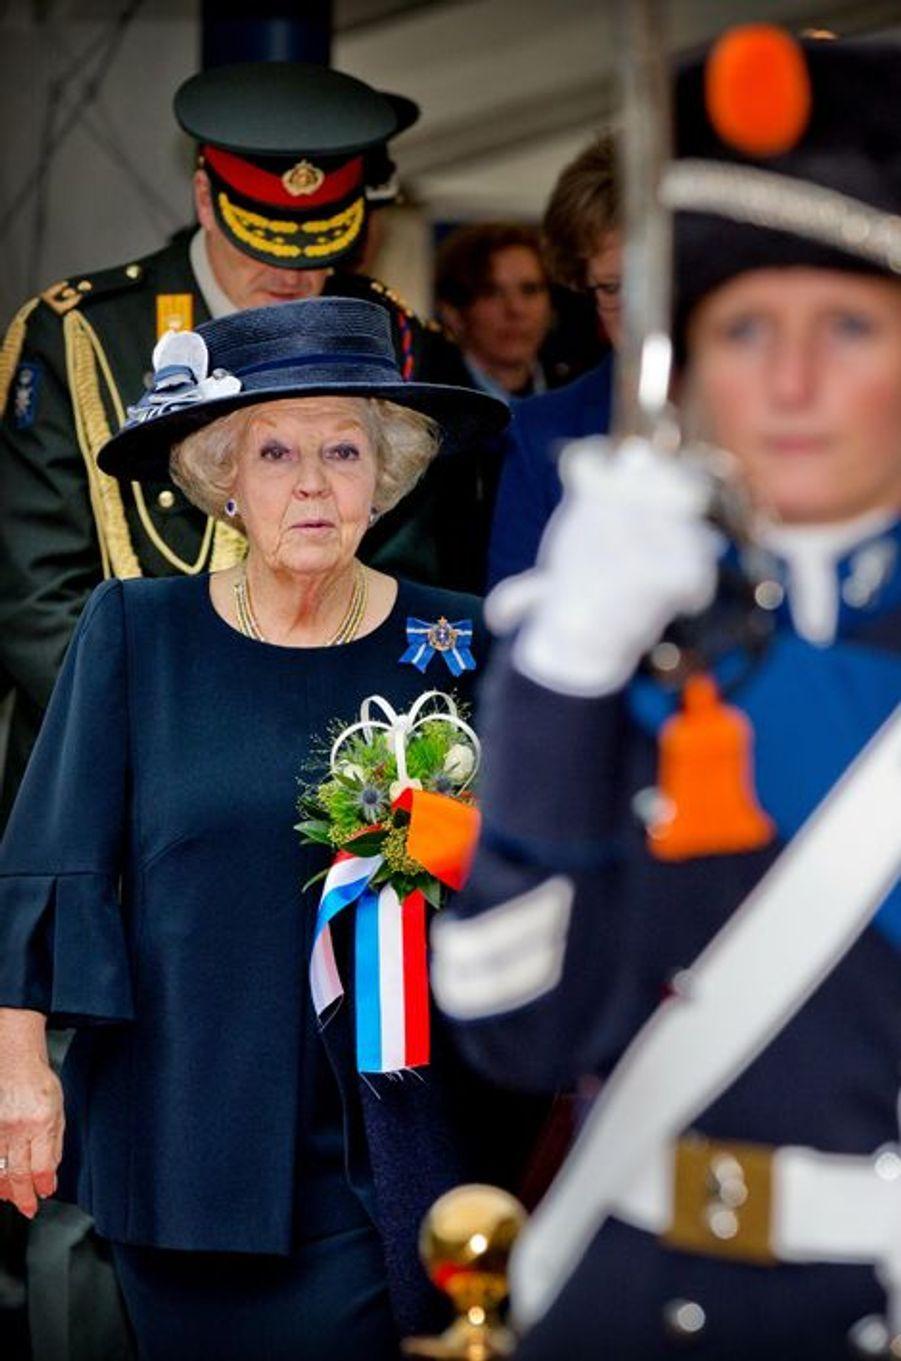 La princesse Beatrix des Pays-Bas aux 200 ans de la police militaire royale hollandaise qu'elle patronne au palais Het Loo à Apeldoorn, le 26 oct...